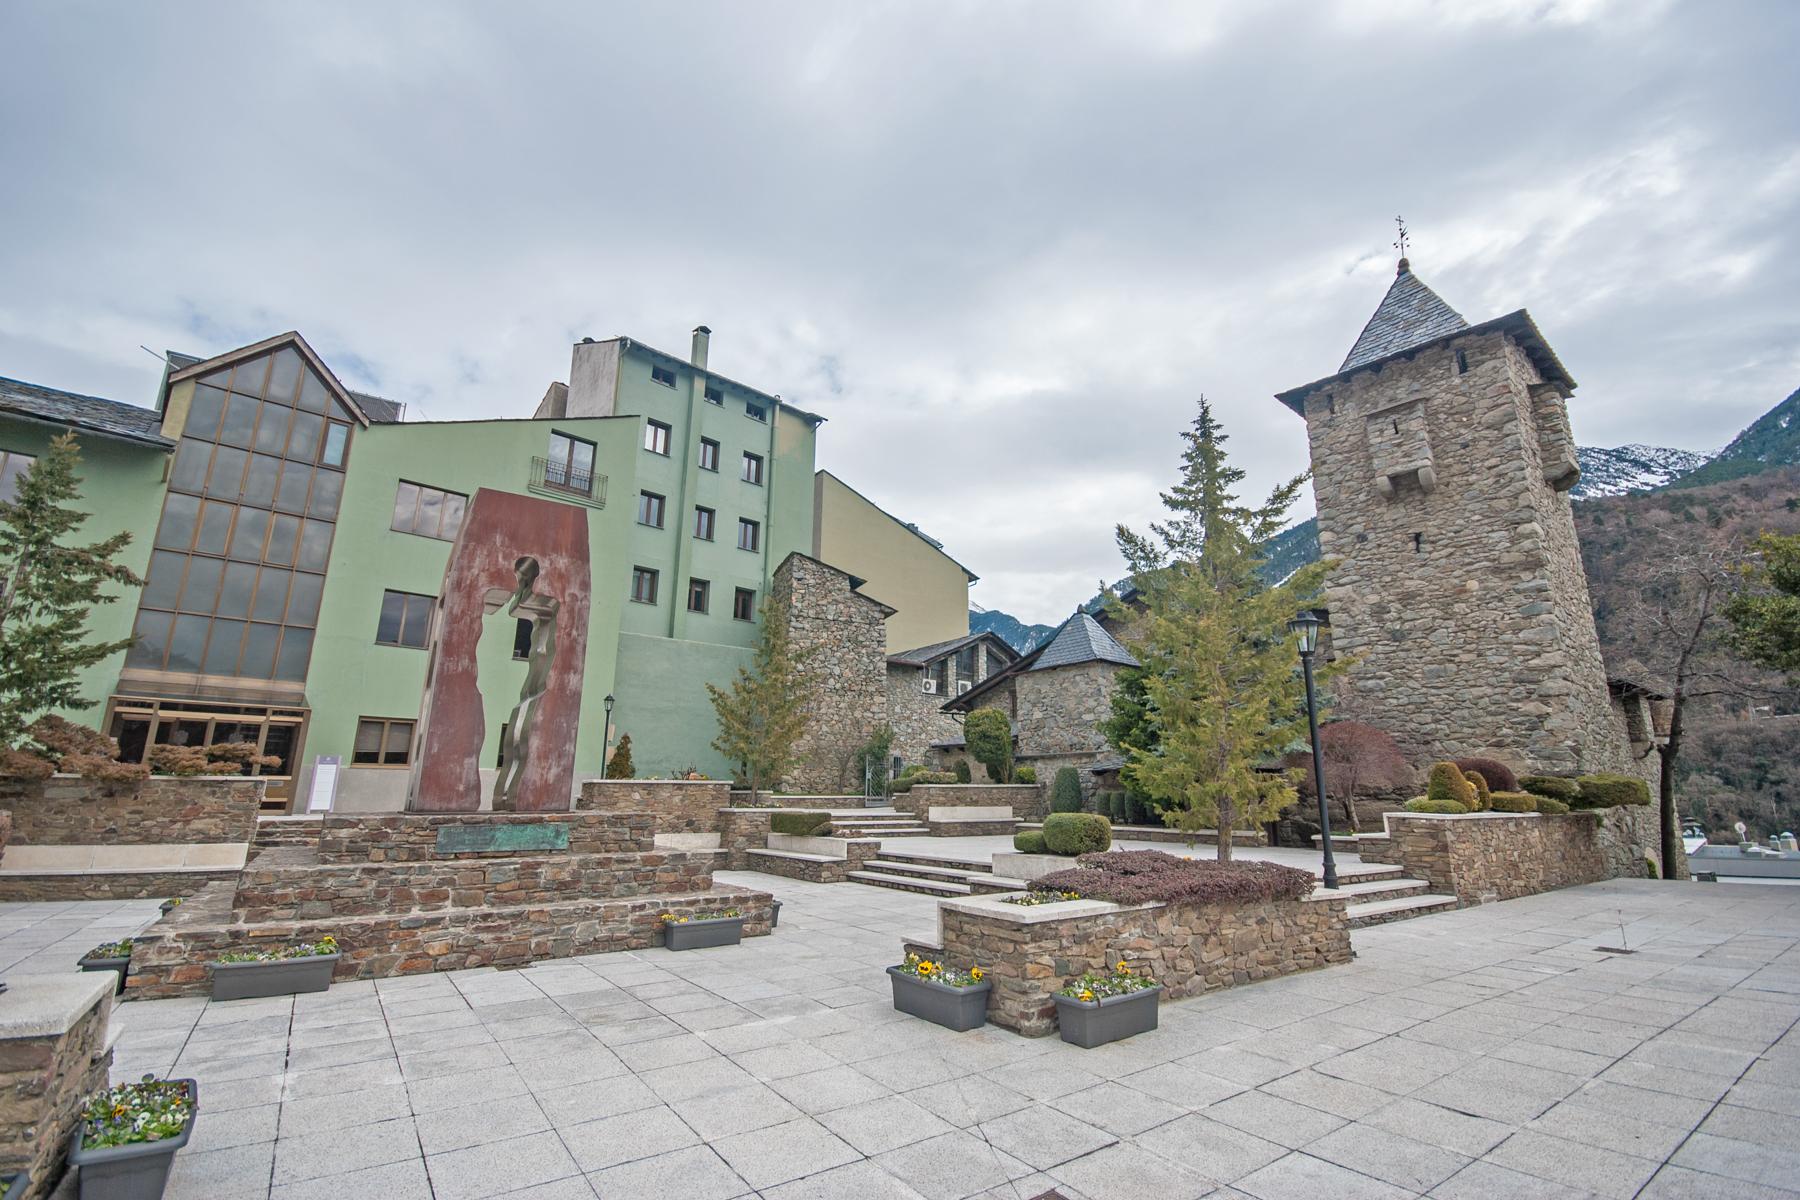 Tek Ailelik Ev için Satış at House for sale in Andorra la Vella Andorra La Vella, Andorra La Vella, AD500 Andorra